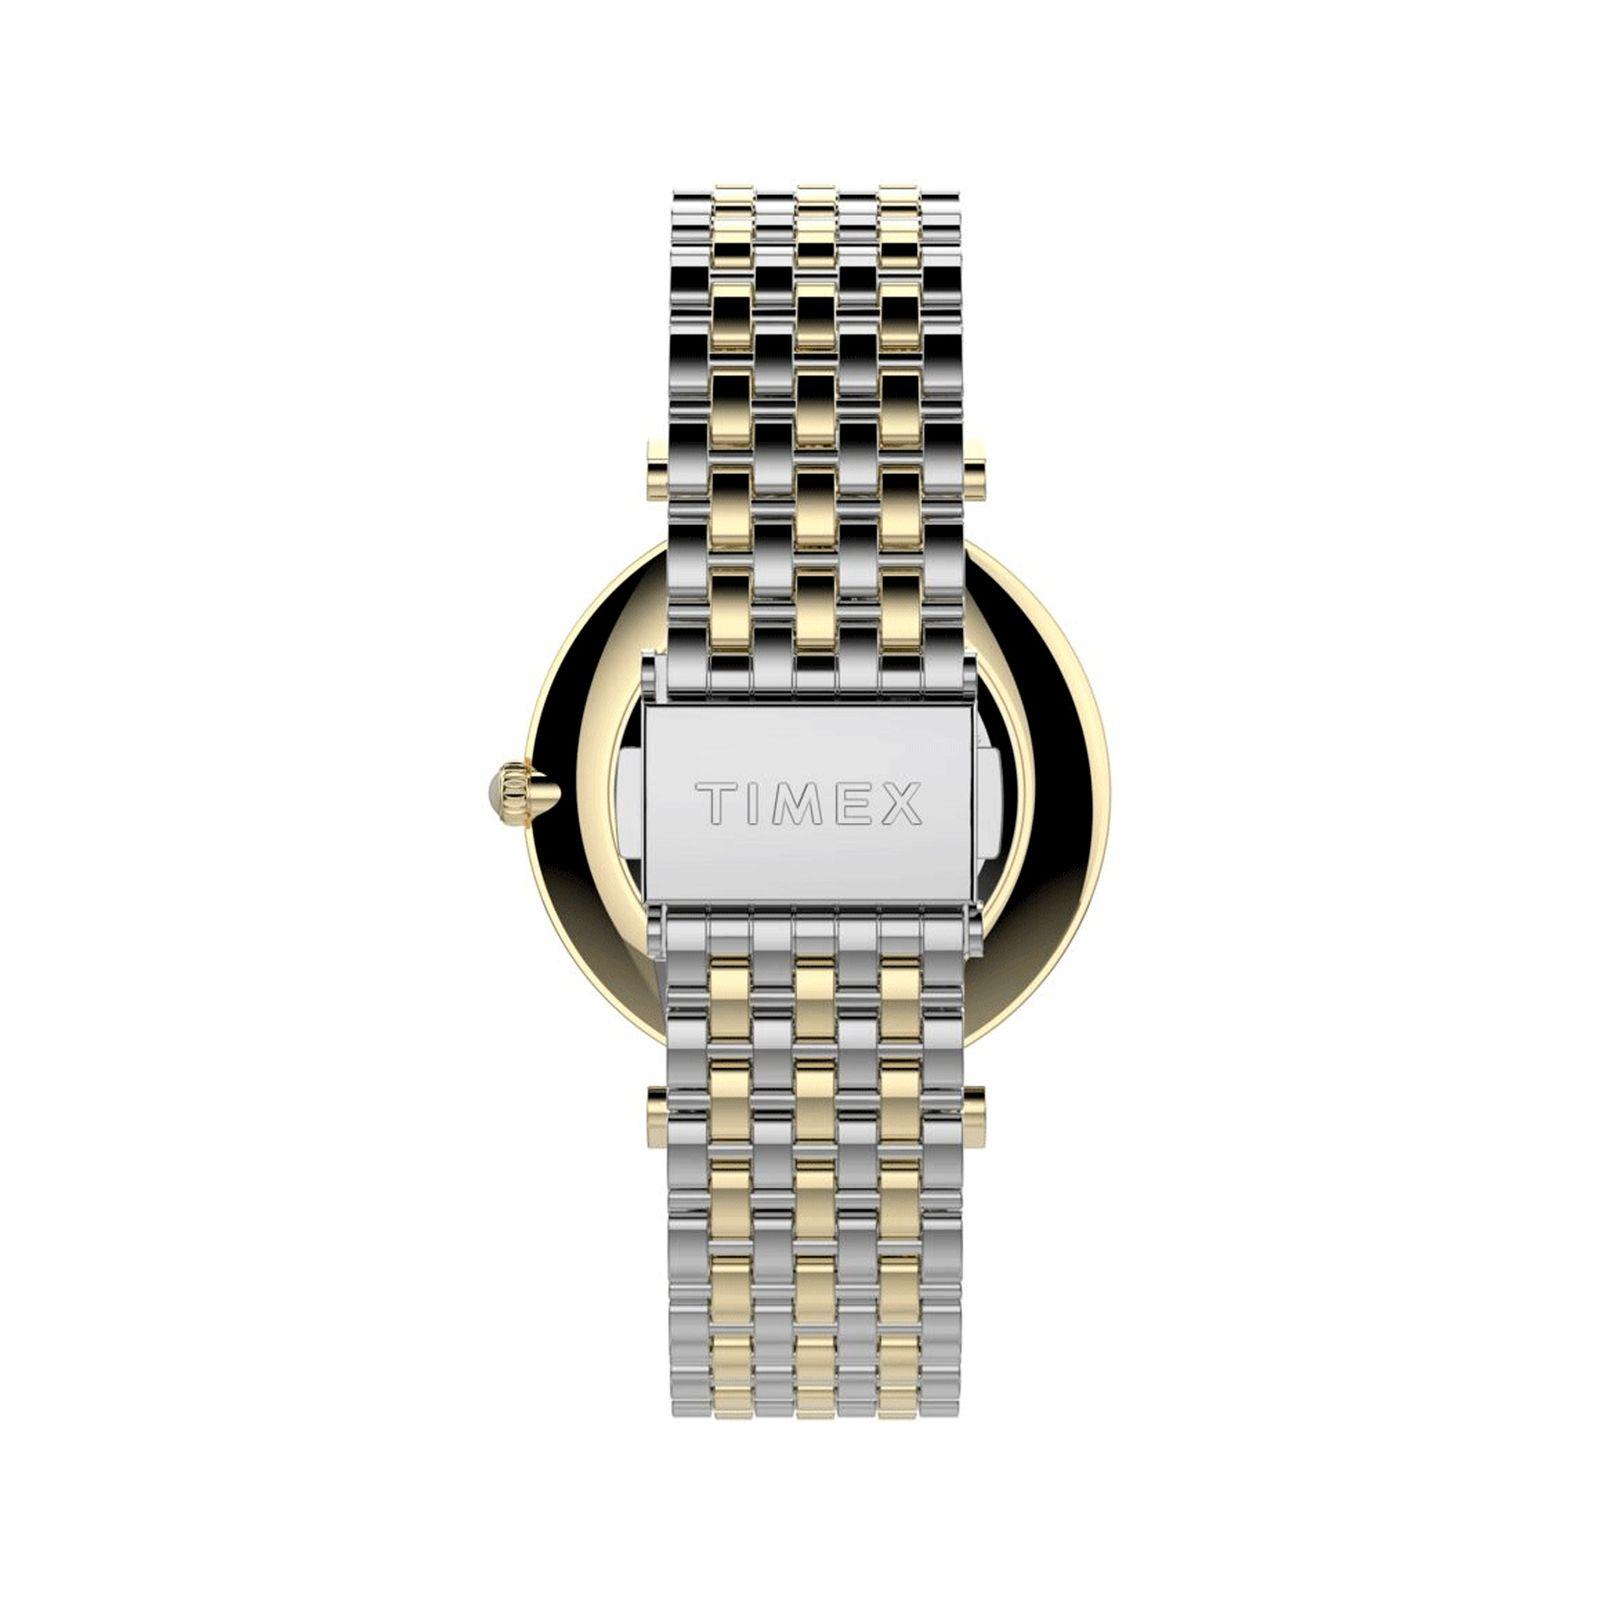 ساعت مچی عقربه ای زنانه تایمکس مدل TW2T79400 -  - 4